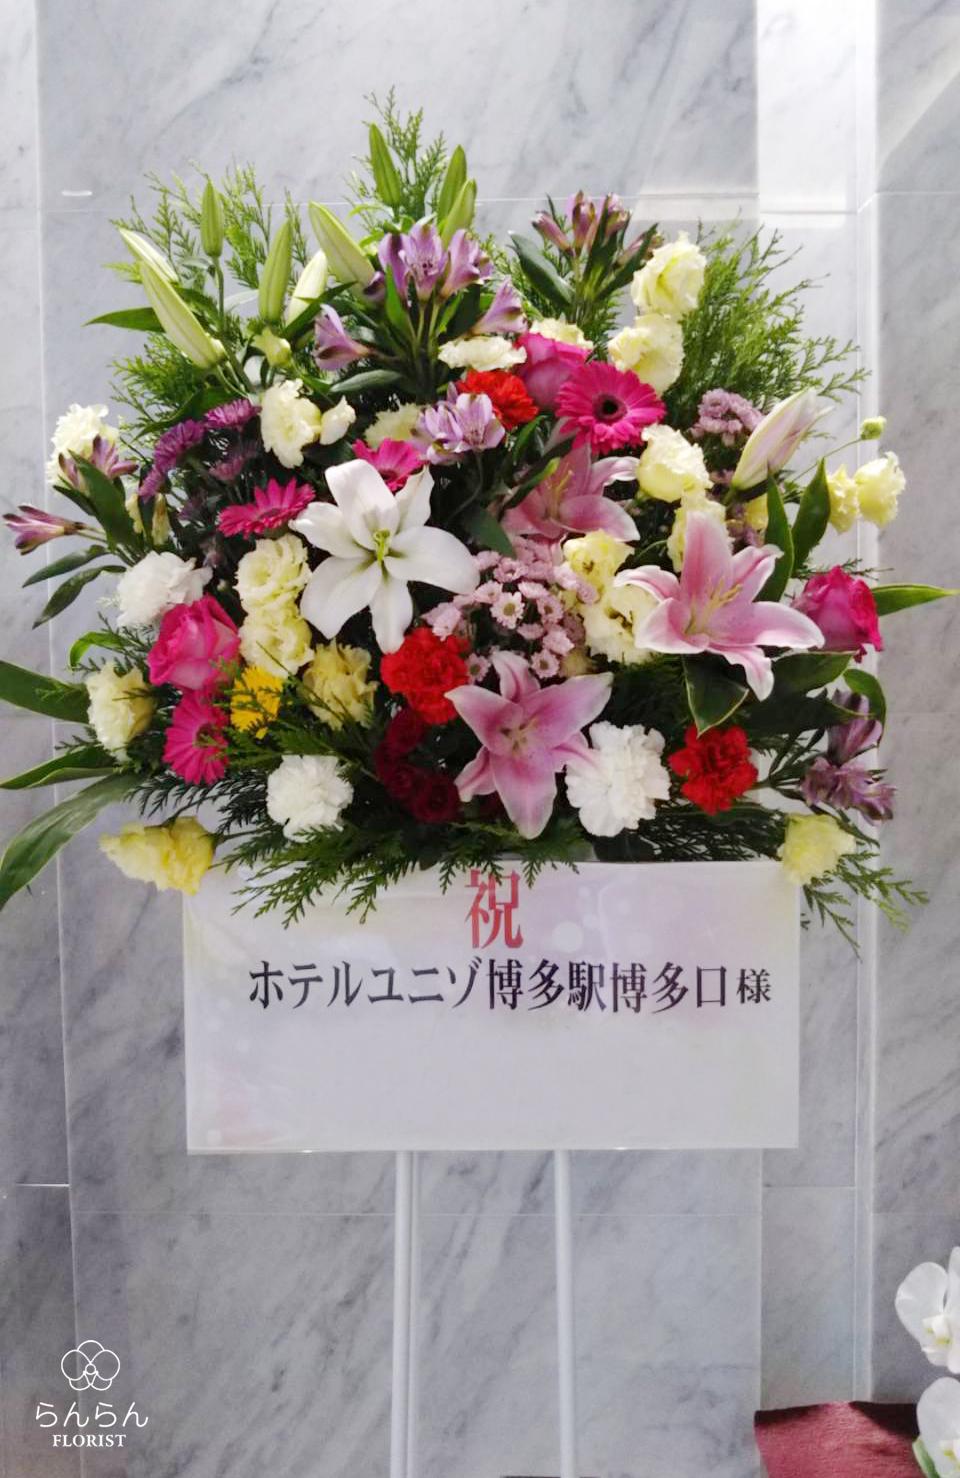 ホテルユニゾ博多駅博多口 お祝いスタンド花